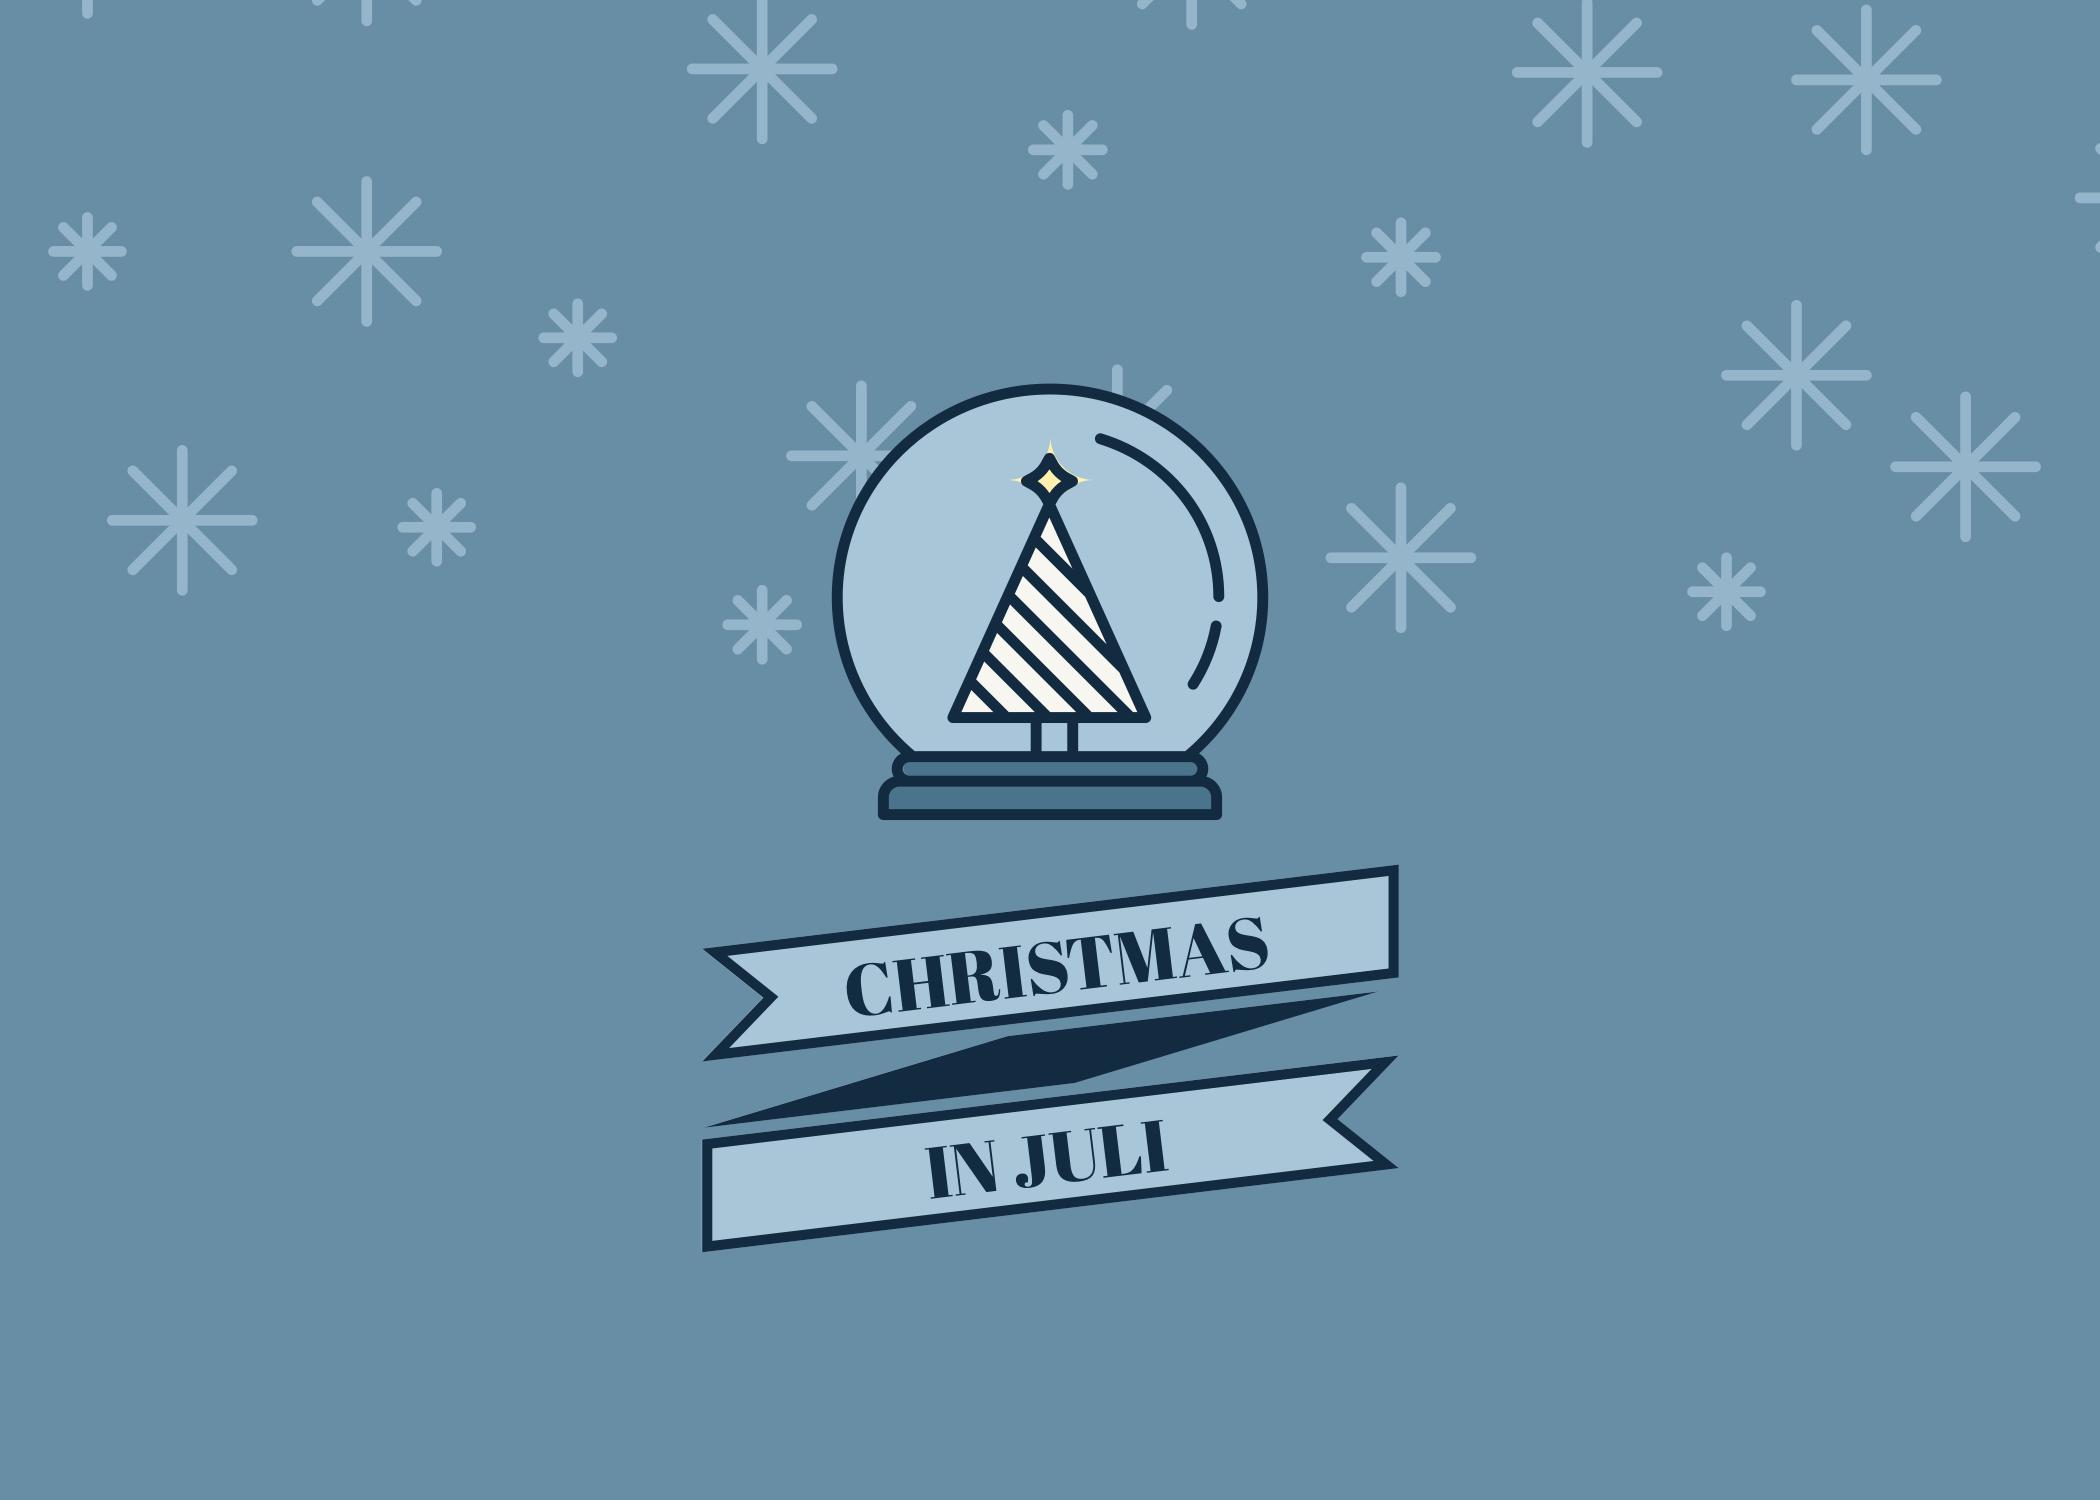 christmas in juli, kerst, july, aanbieding